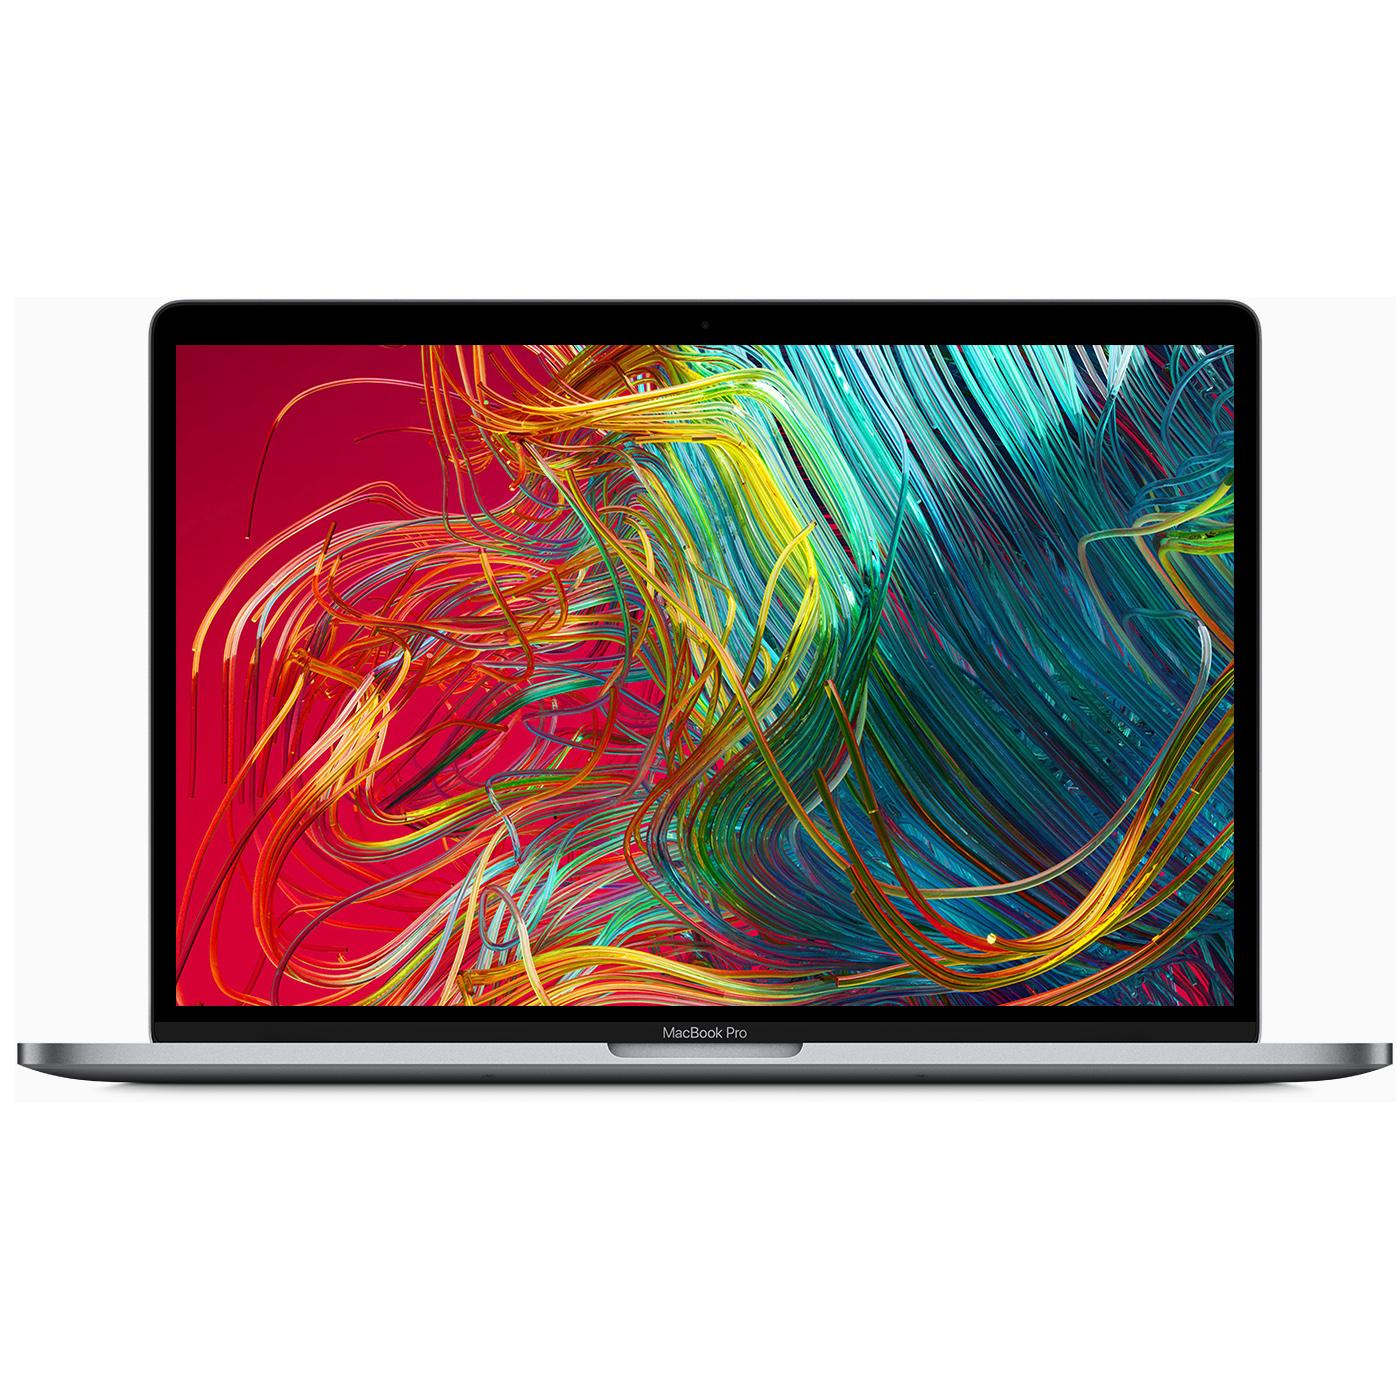 MV902- Macbook Pro 15 inch 2019/ i7/ 16GB/ 256GB/ Pro 555X 4GB/Gray, Sliver/ Likenew Fullbox Sac 01 lần